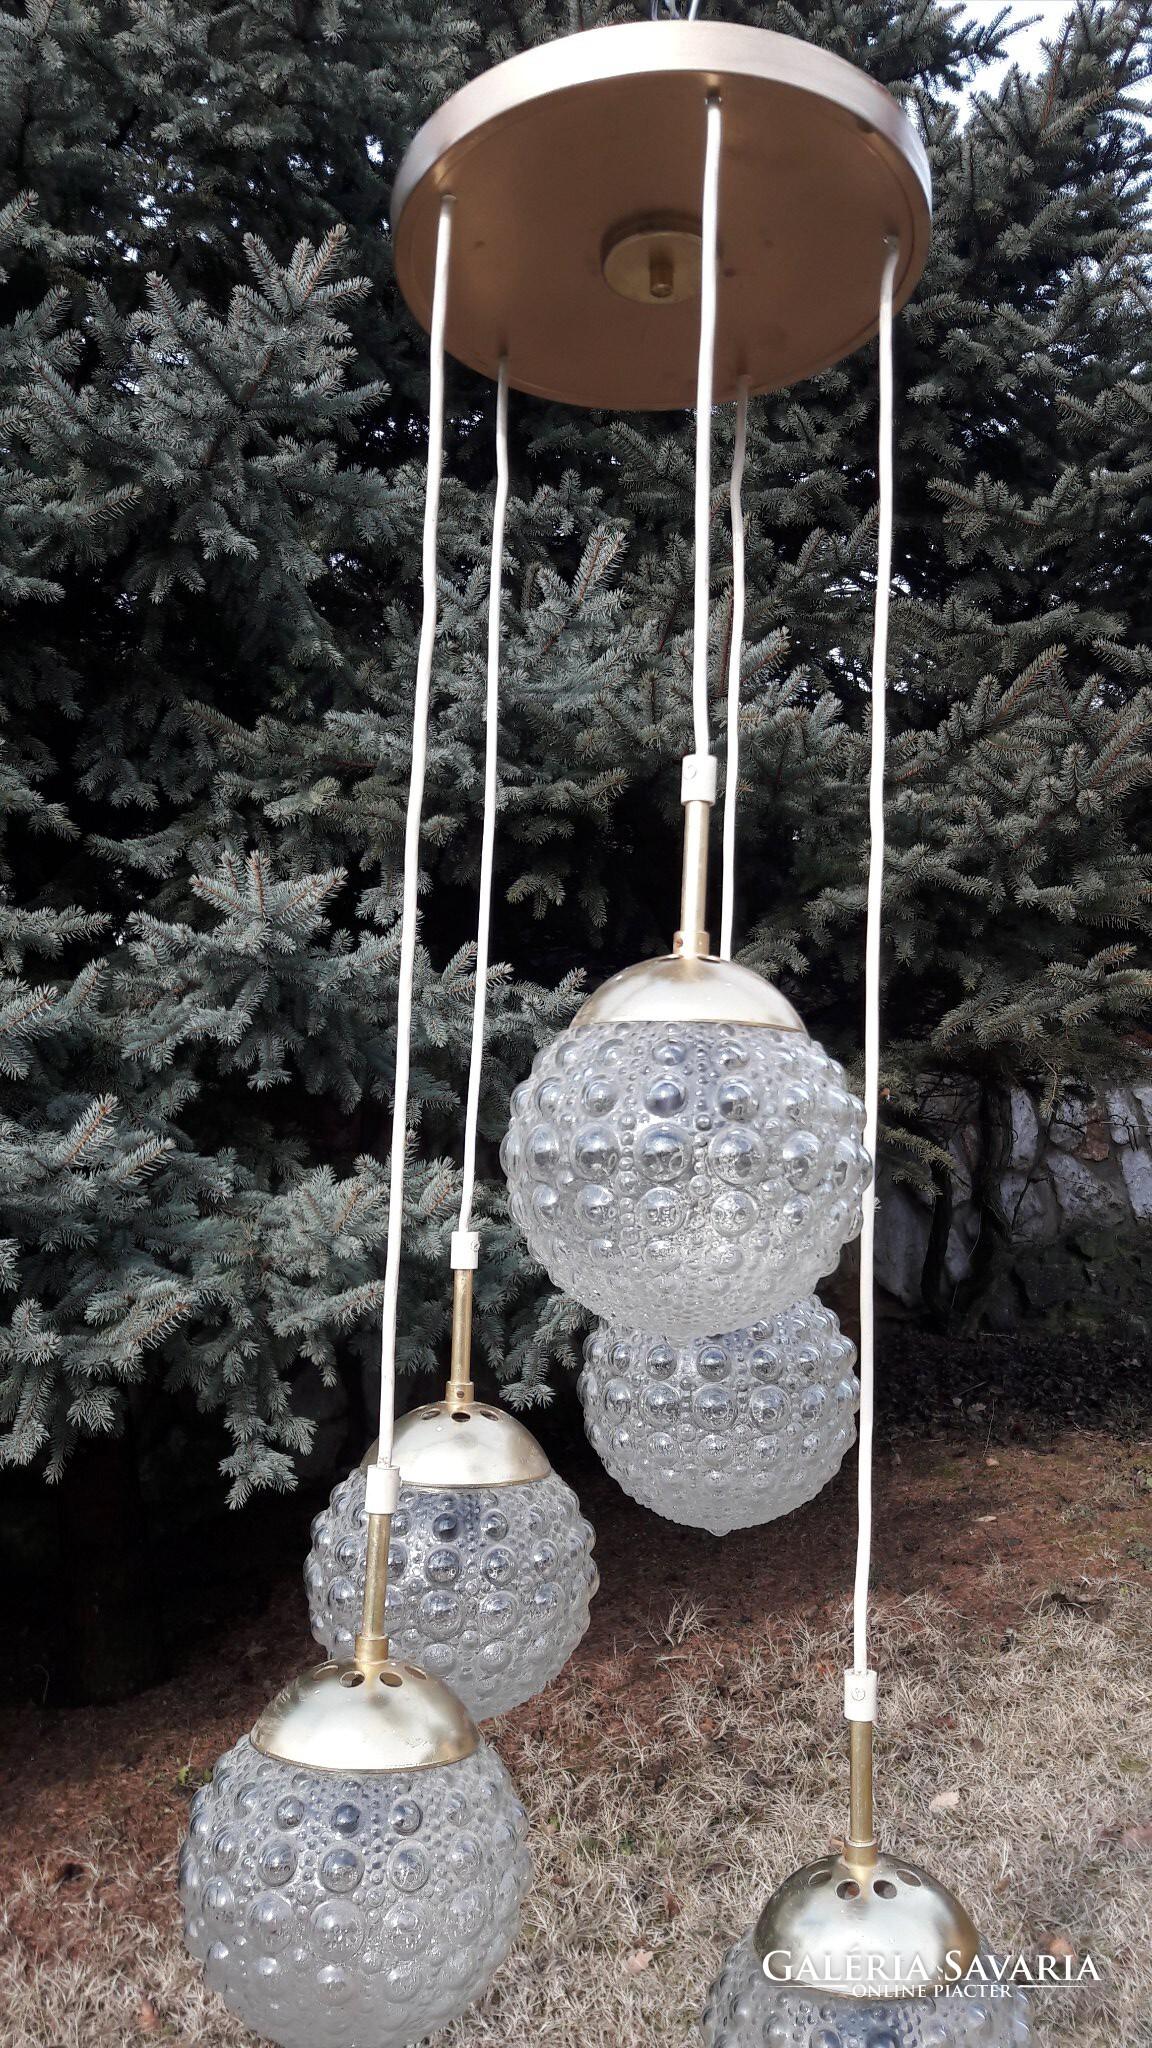 SKANDINÁV RETRO 5 GÖMBÖS CSILLÁR MENNYEZETI LÁMPA - Lámpa, csillár  Galéria Savaria online ...